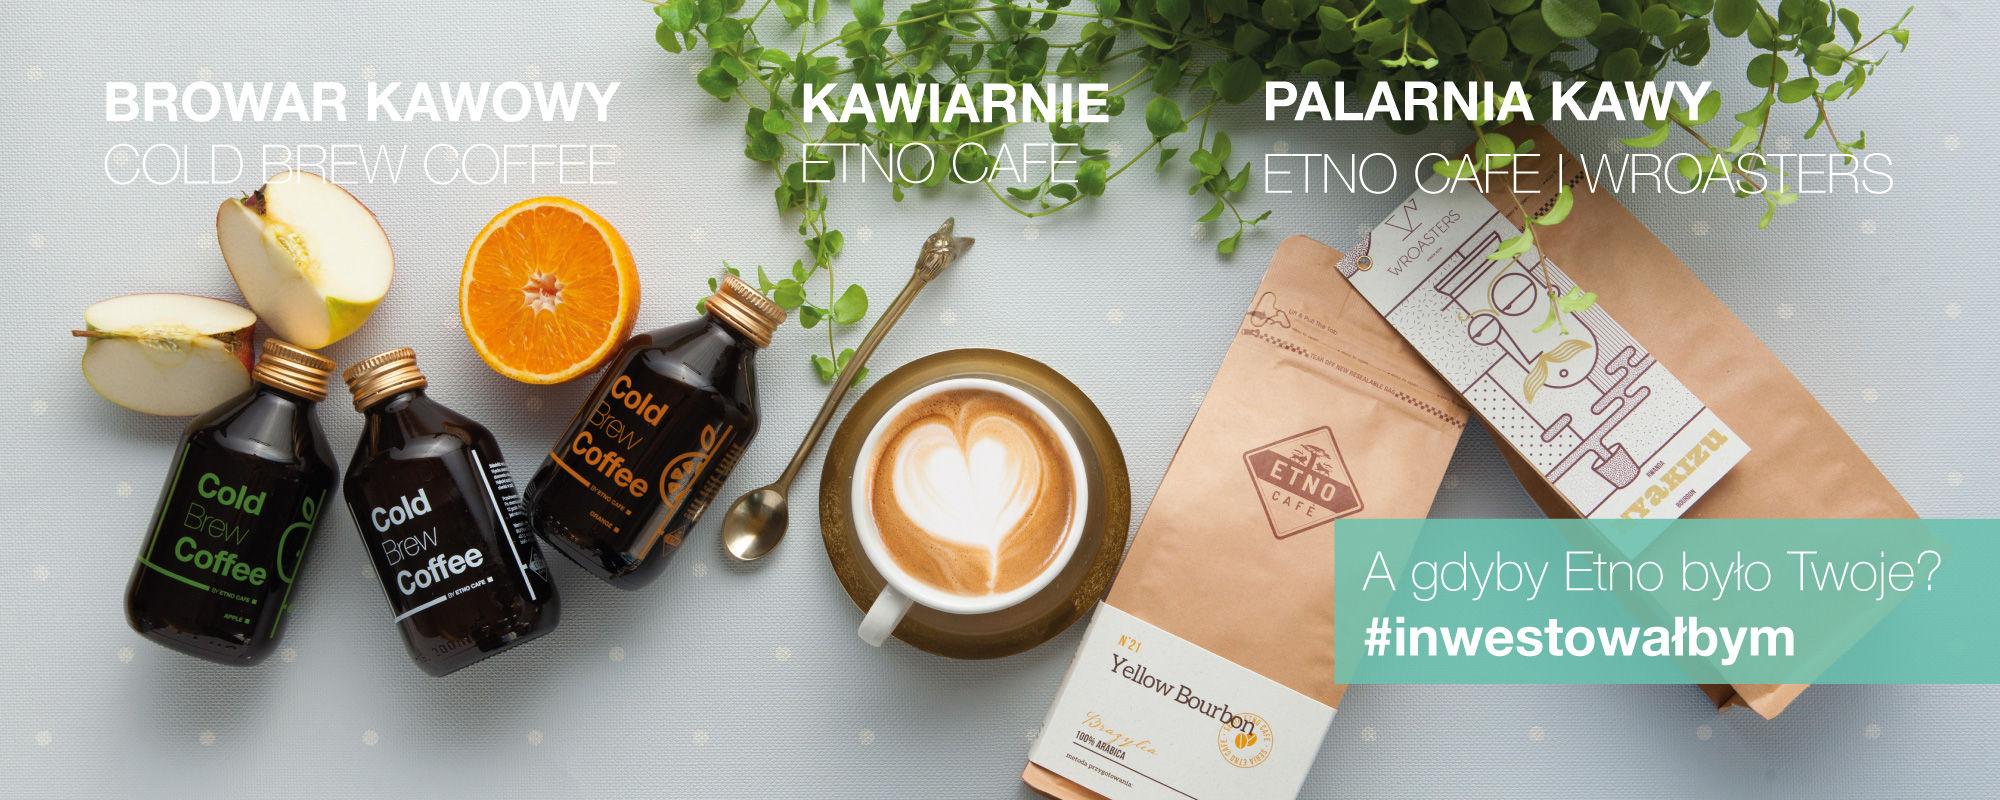 Zainwestuj w Etno Cafe